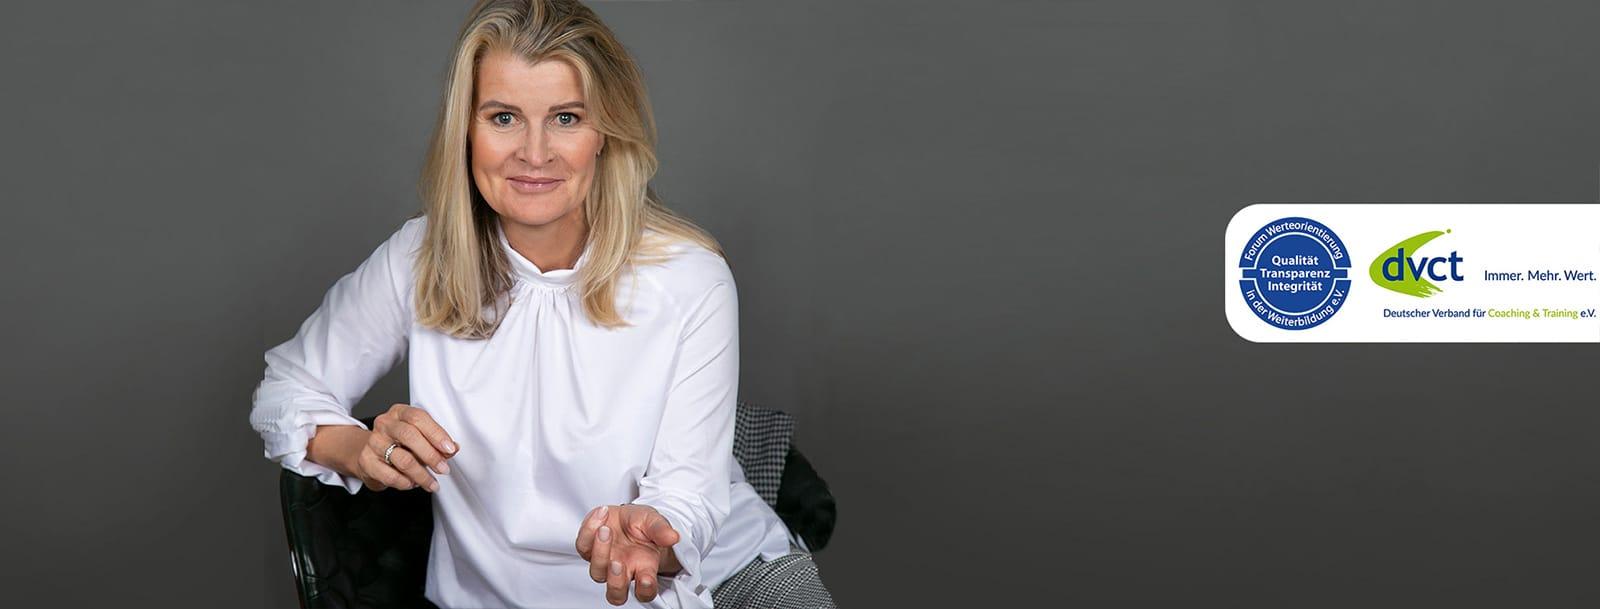 Petra Peinemann Profilbild - Mimikresonanz. Forum Werteorientierung in der Weiterbildung und Deutscher Verband für Coaching & Training e.V.